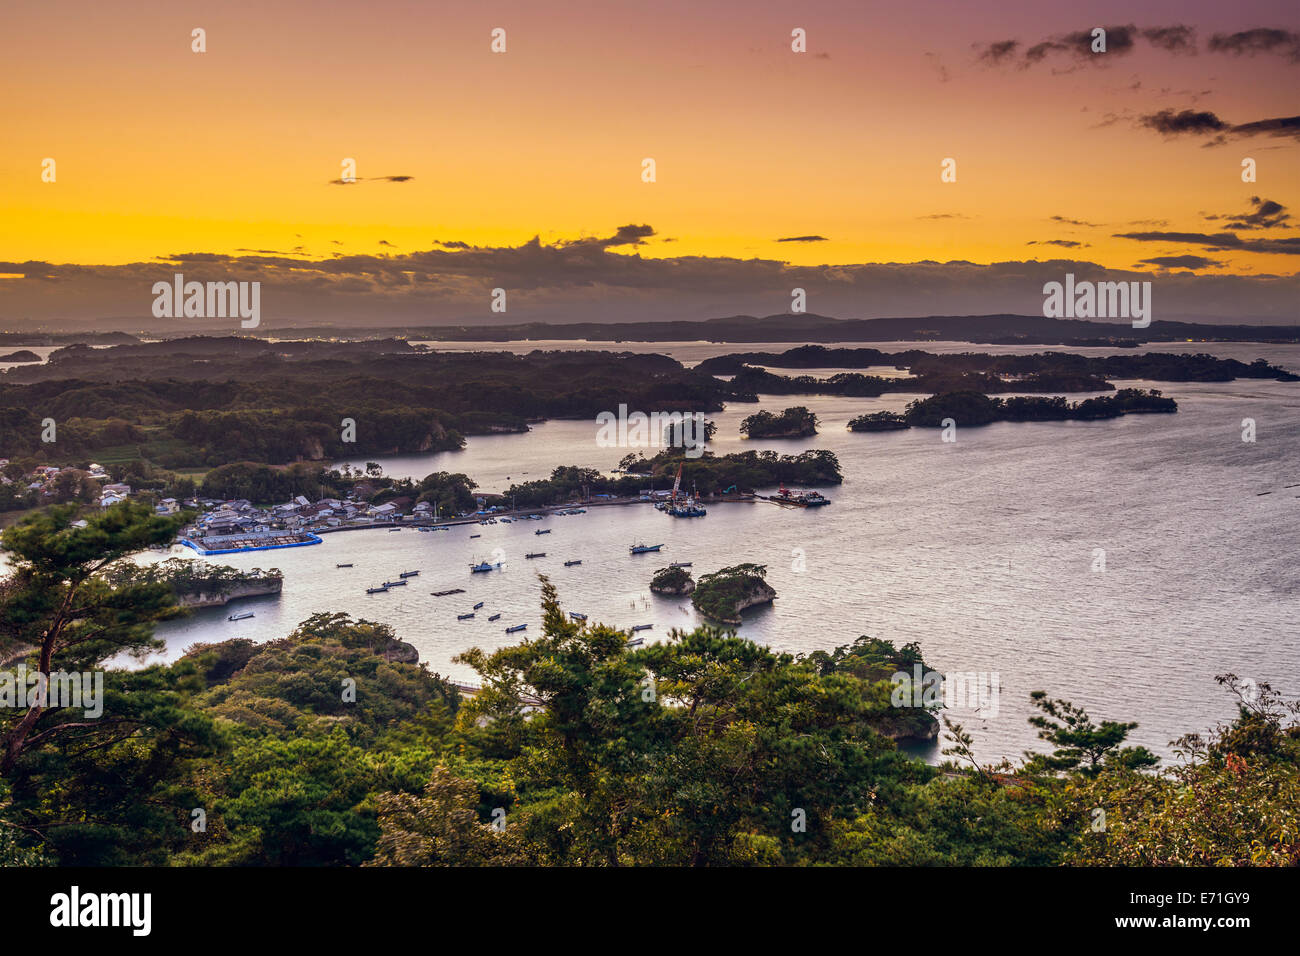 Matsushima, Japan coastal landscape. - Stock Image